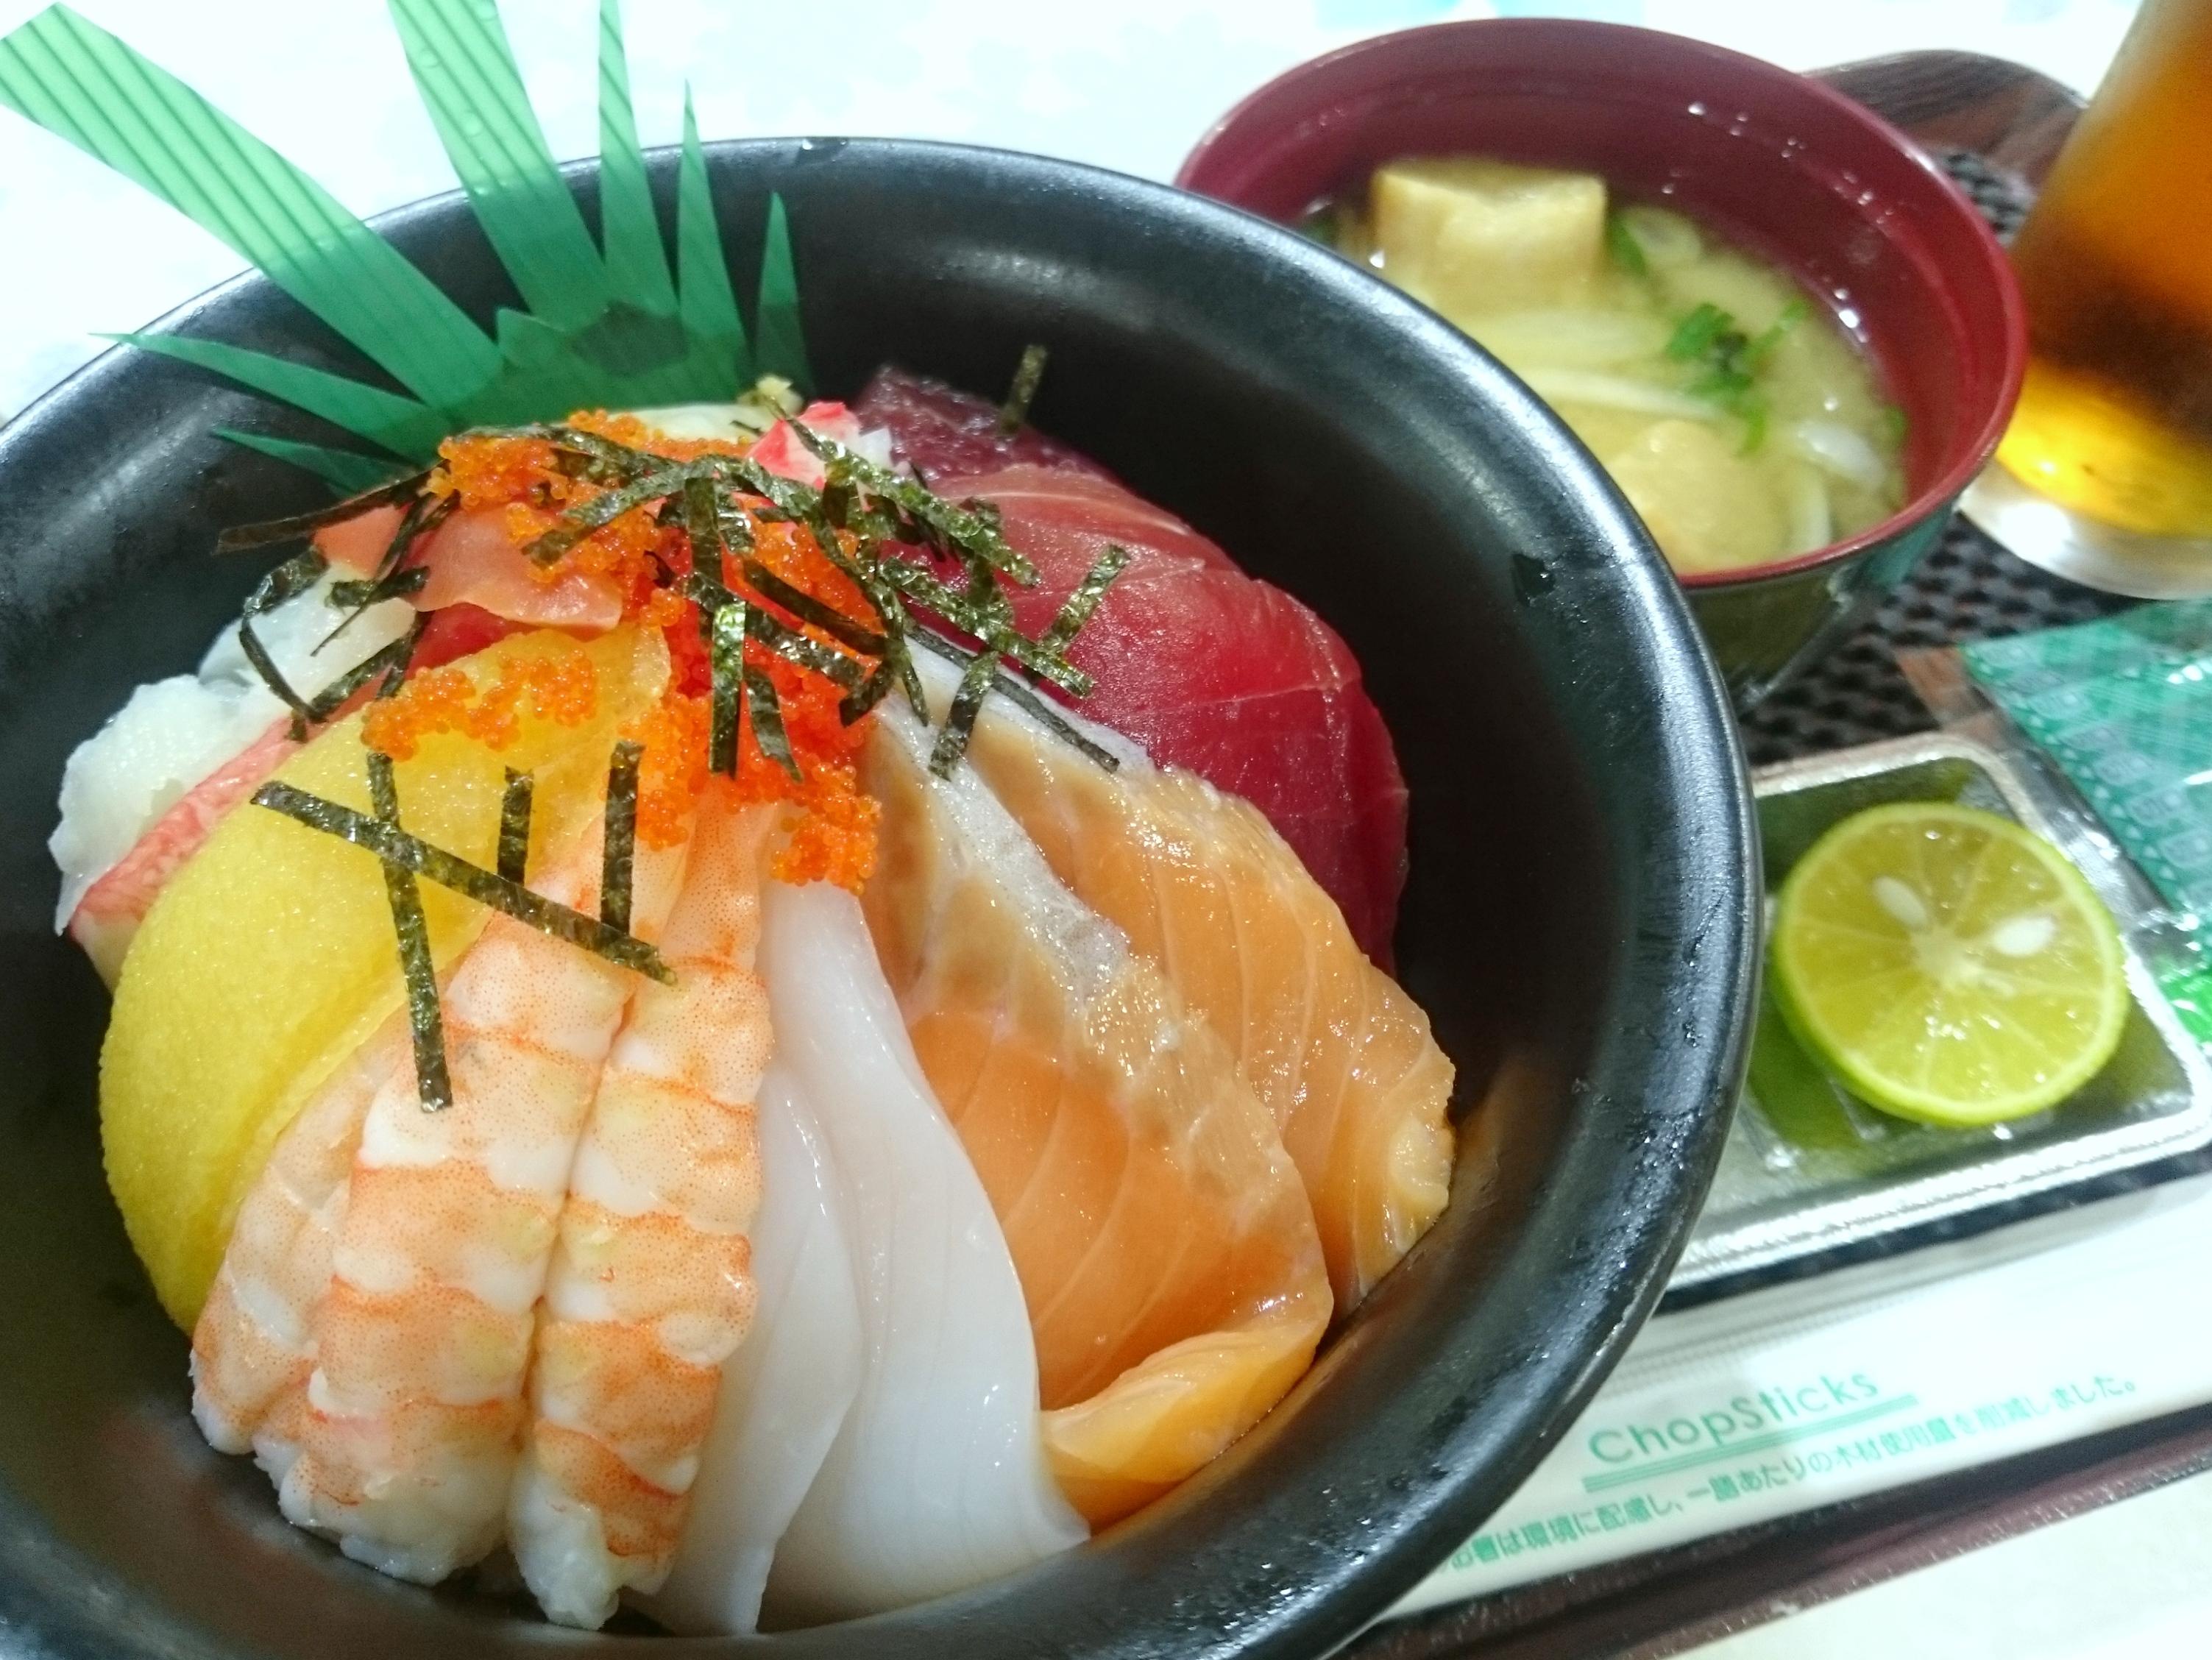 えっ、550円!? アピカで鬼コスパな海鮮丼に出会う【大漁丼家@阿南】